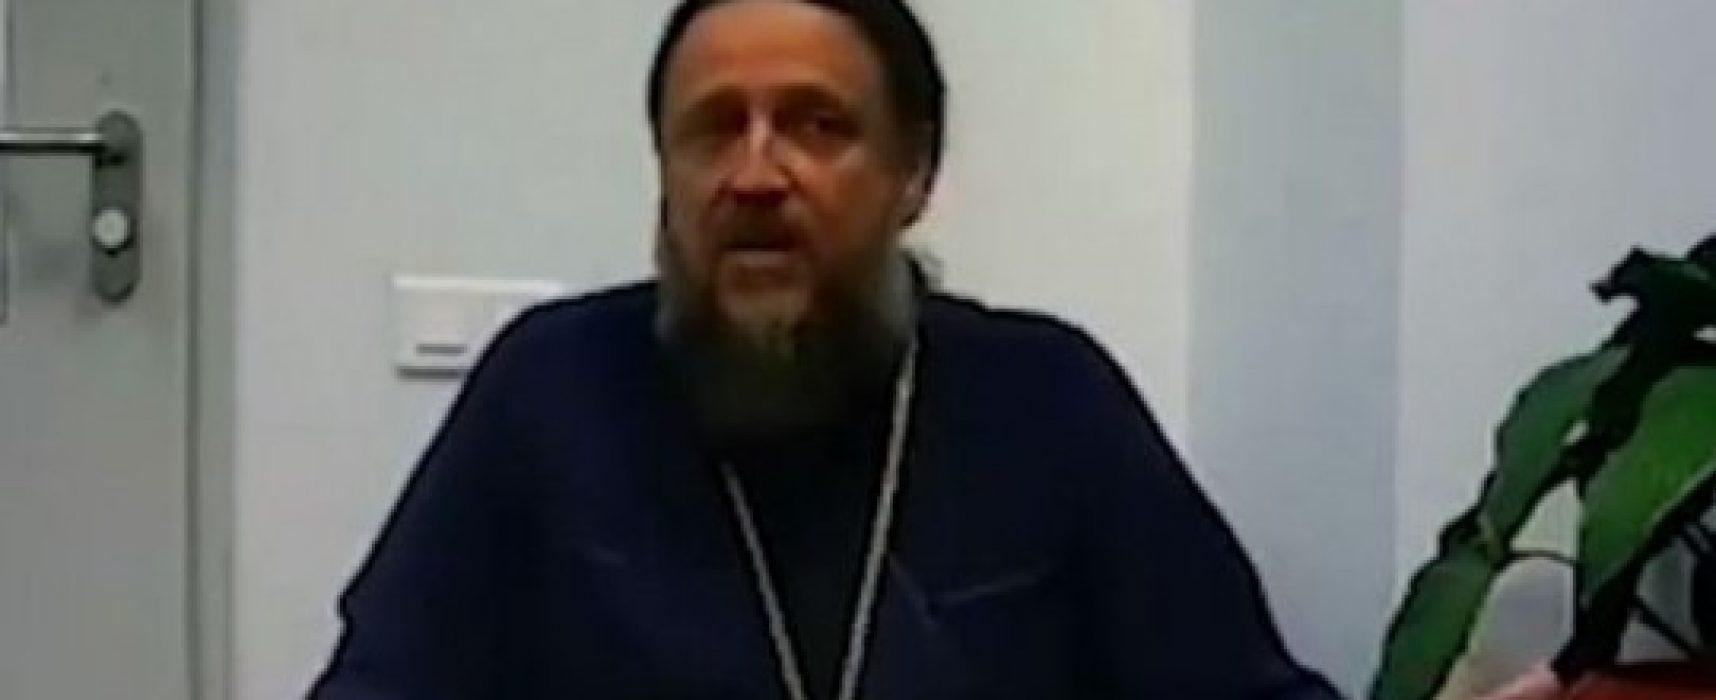 Фейк російських ЗМІ: з України депортували єпископа УПЦ МП, українського громадянина